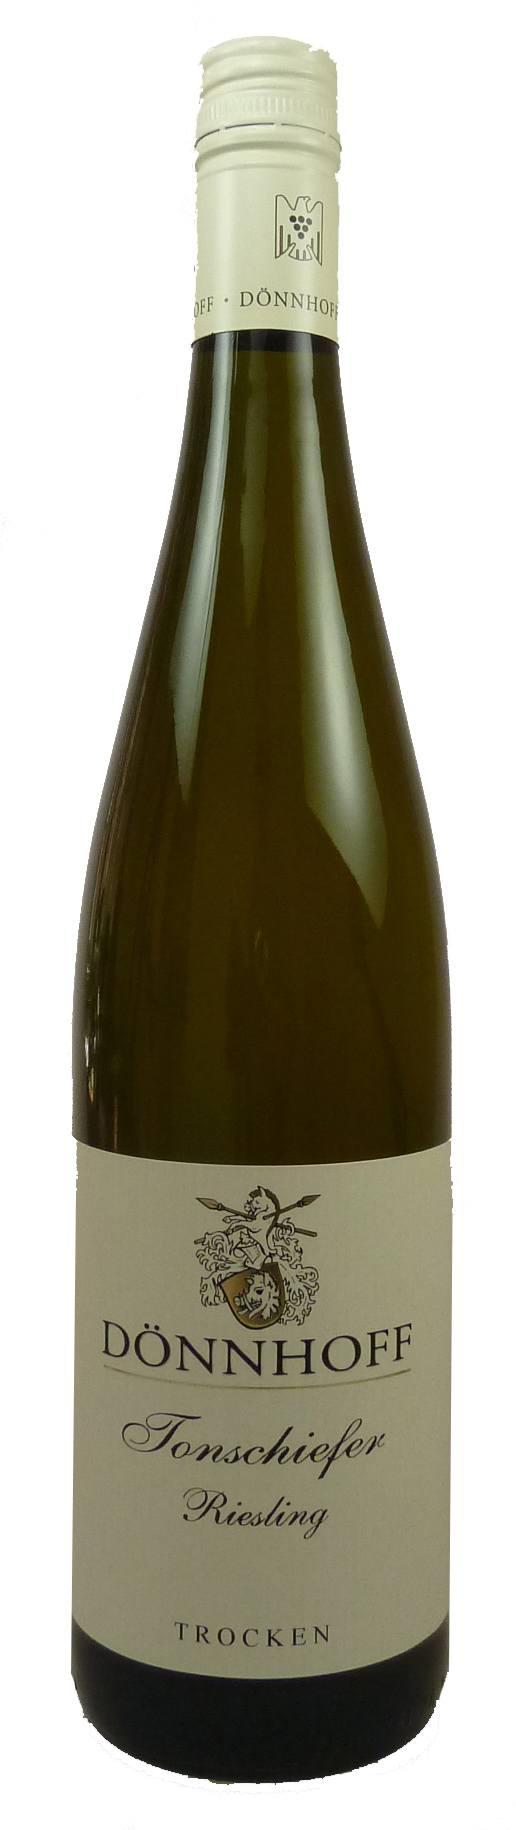 Tonschiefer Riesling Qualitätswein trocken 2016